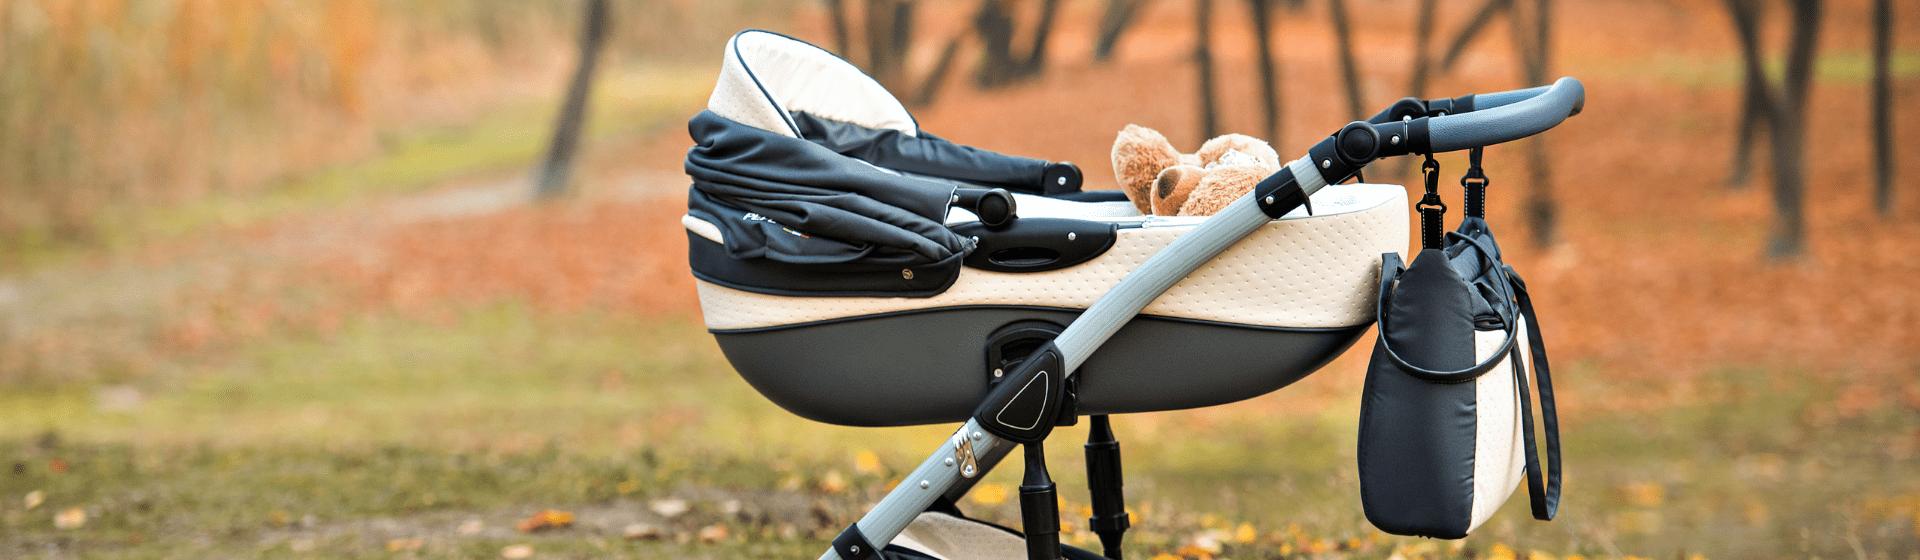 Melhores carrinhos de bebê Burigotto: 7 modelos para comprar em 2021